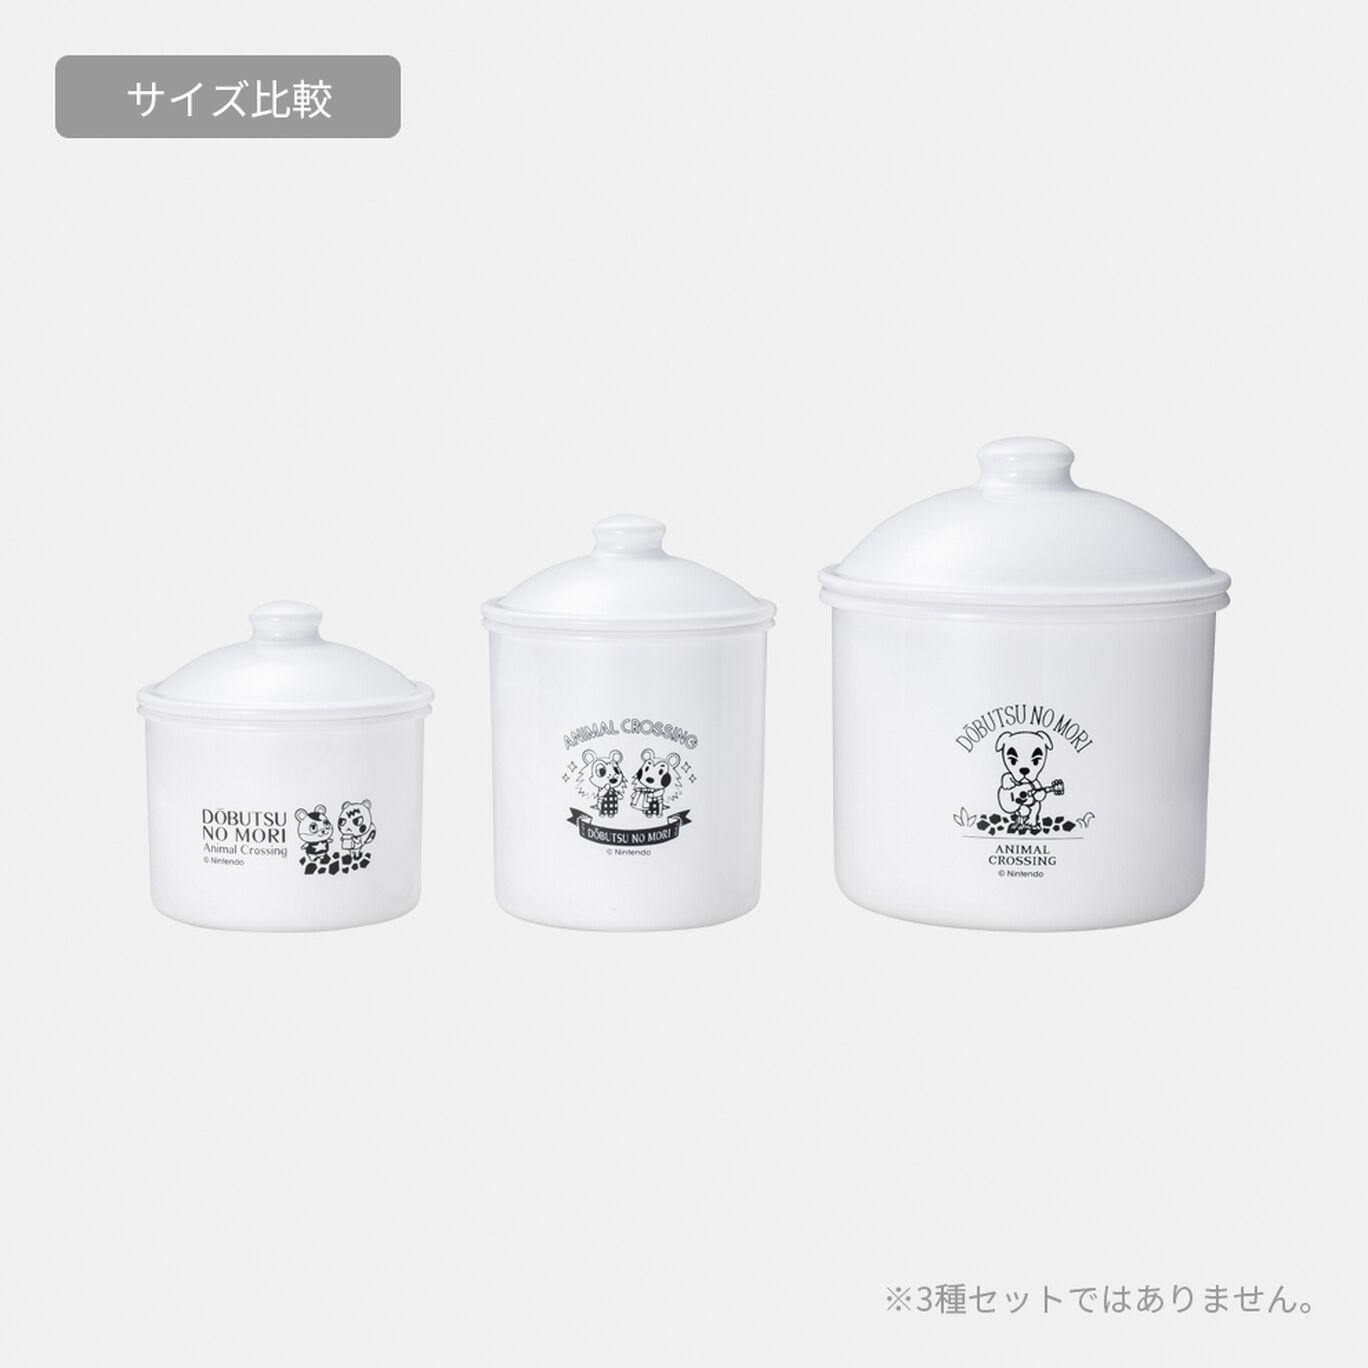 キャニスター(小) どうぶつの森【Nintendo TOKYO取り扱い商品】